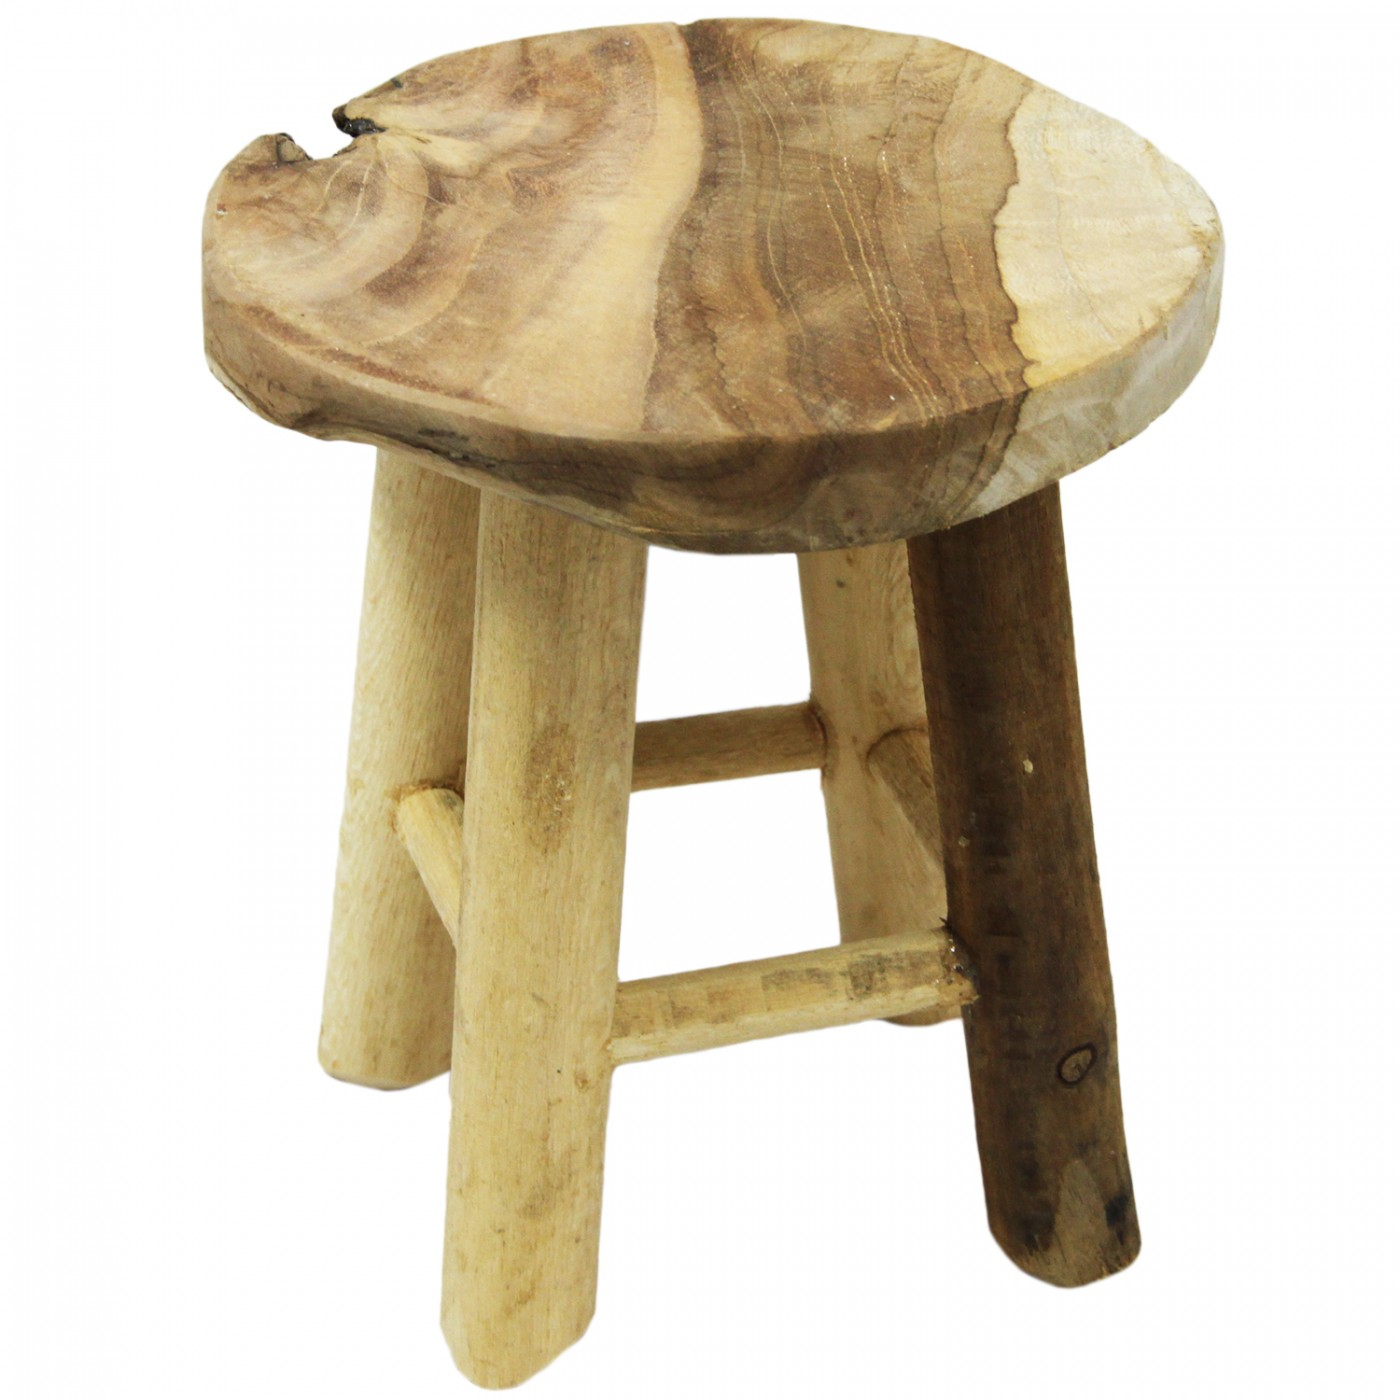 Taboret stolik drewniany mini podstawka pod doniczkę